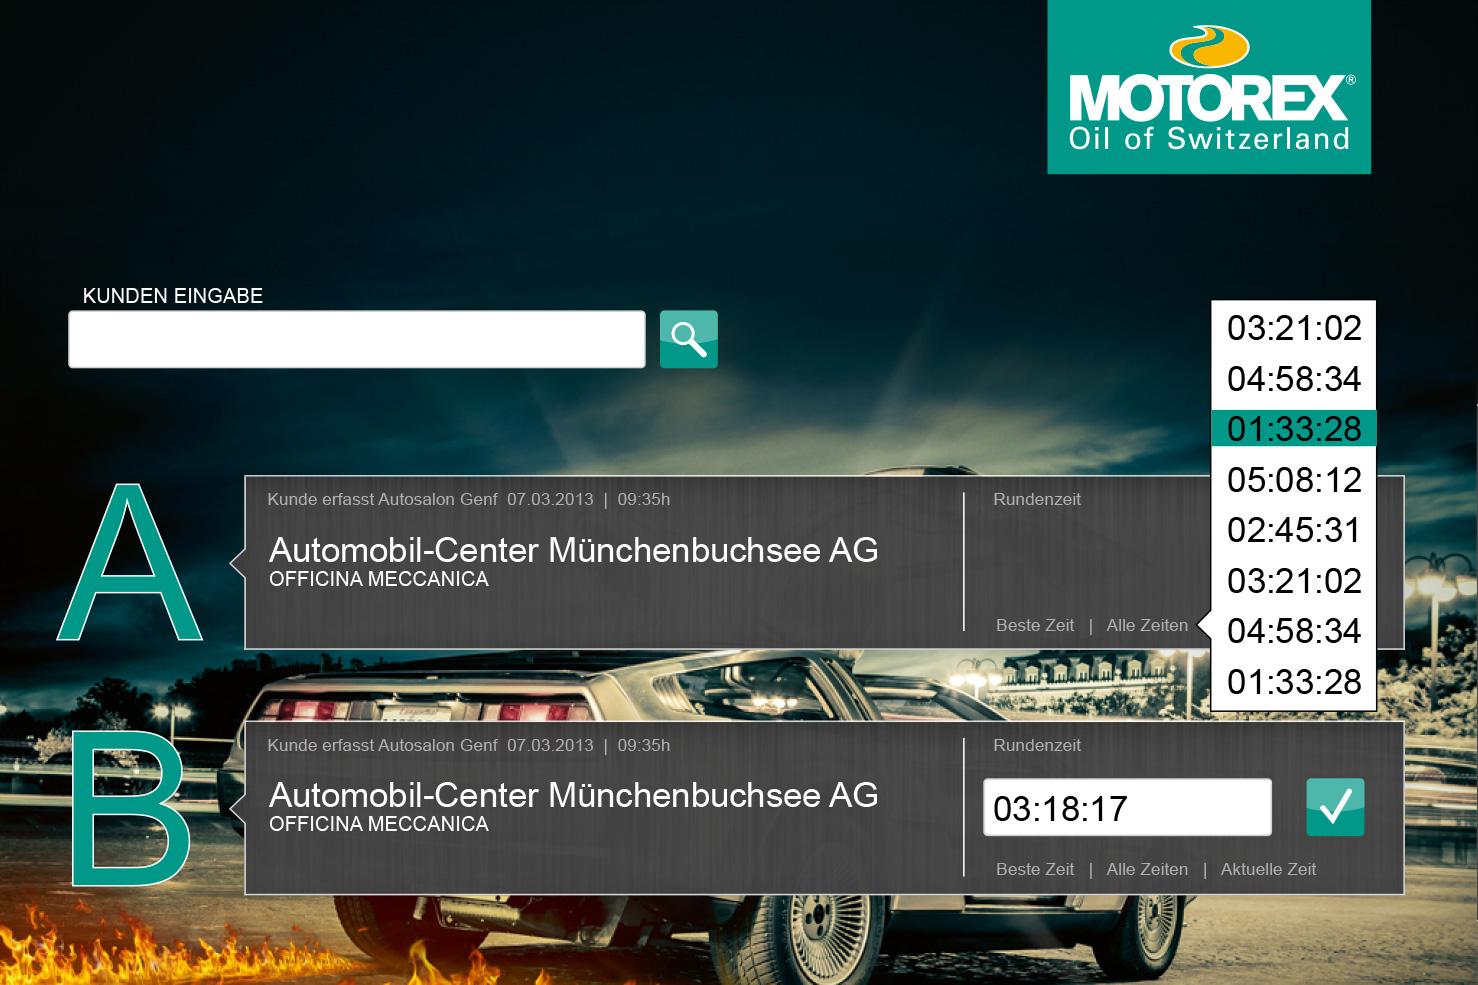 Bild 3 vom MOTOREX Autosalon 13